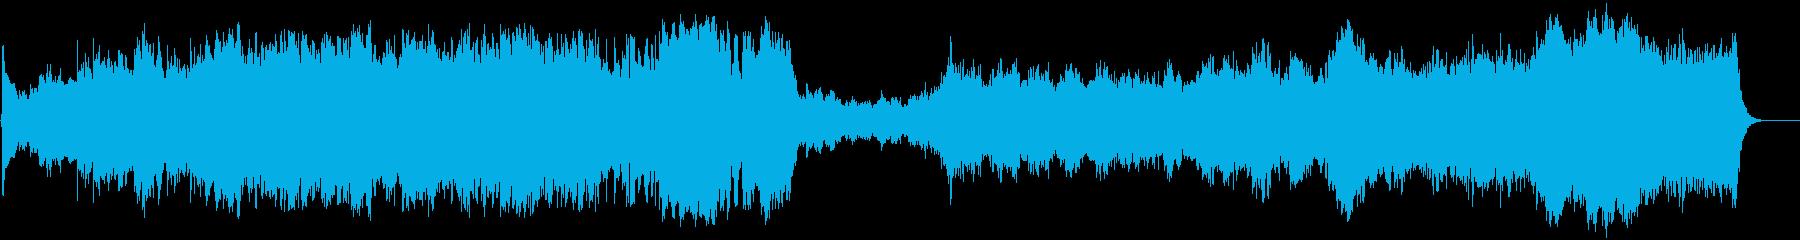 迫力と緊張感のあるオーケストラの再生済みの波形